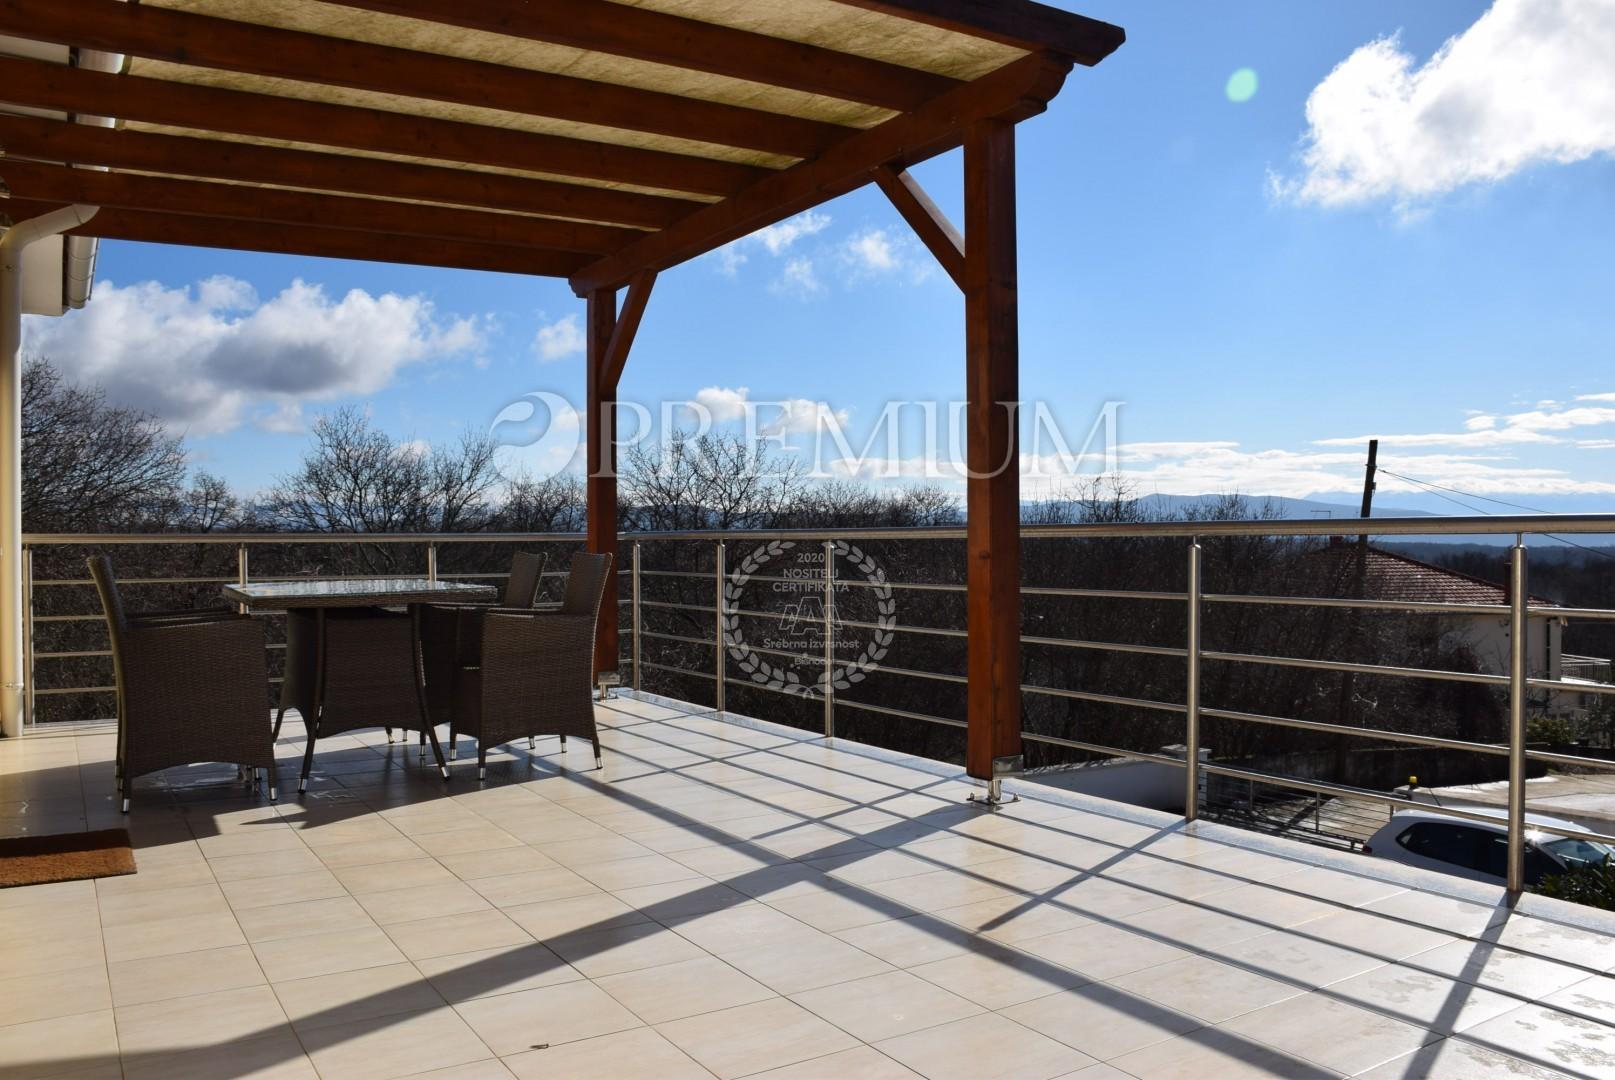 Krk, prodaja, kuća od 180 m2 s bazenom i predivnim pogledom na more!